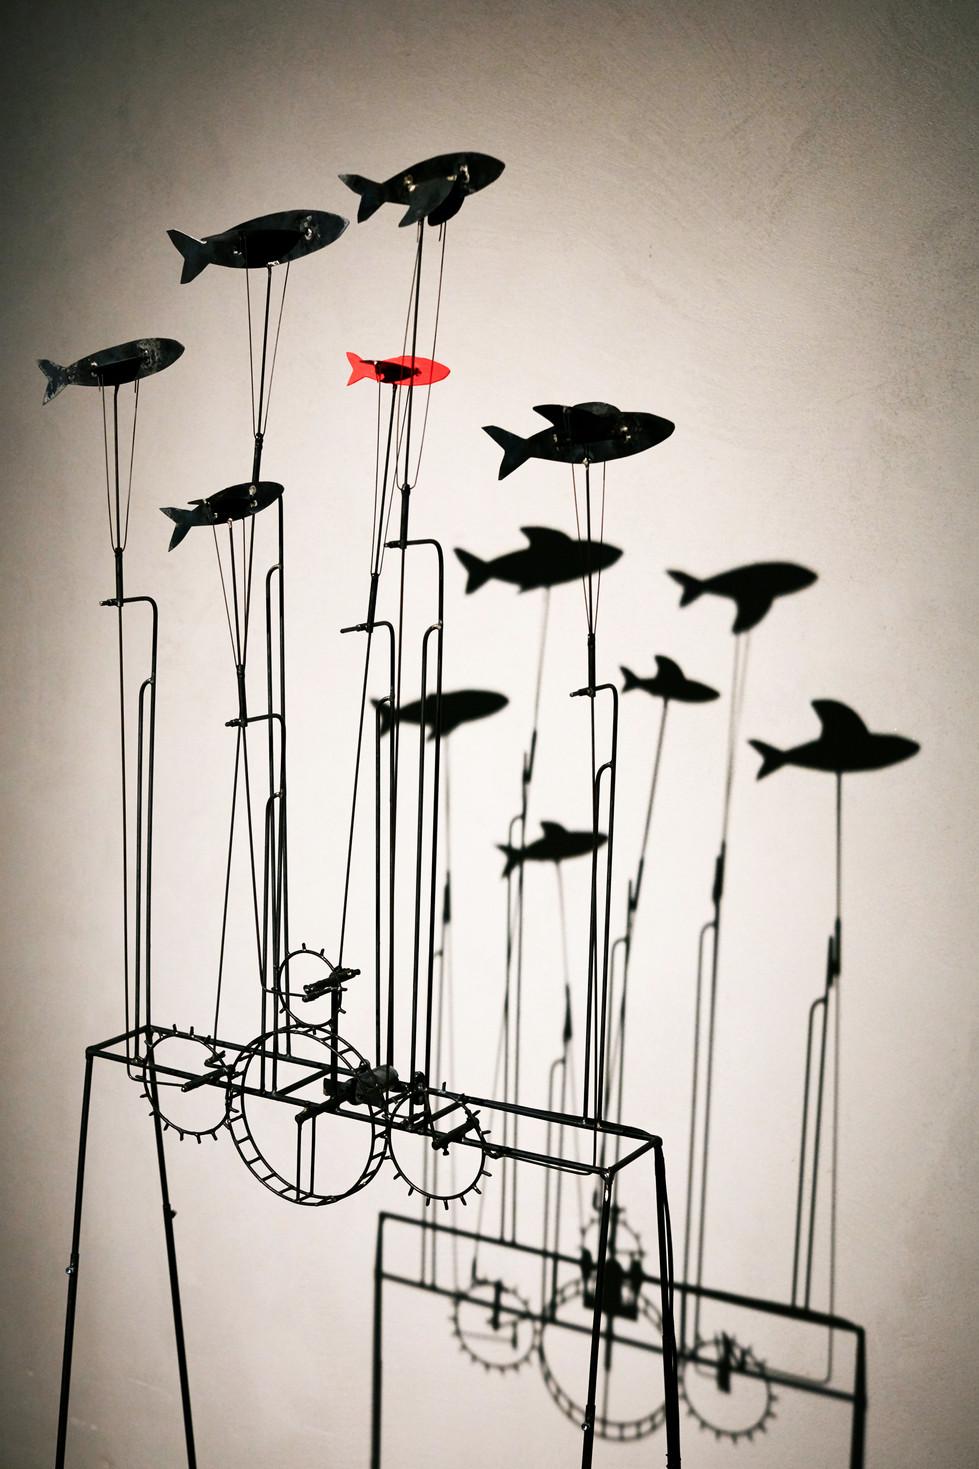 banc de poissons : à Boulet